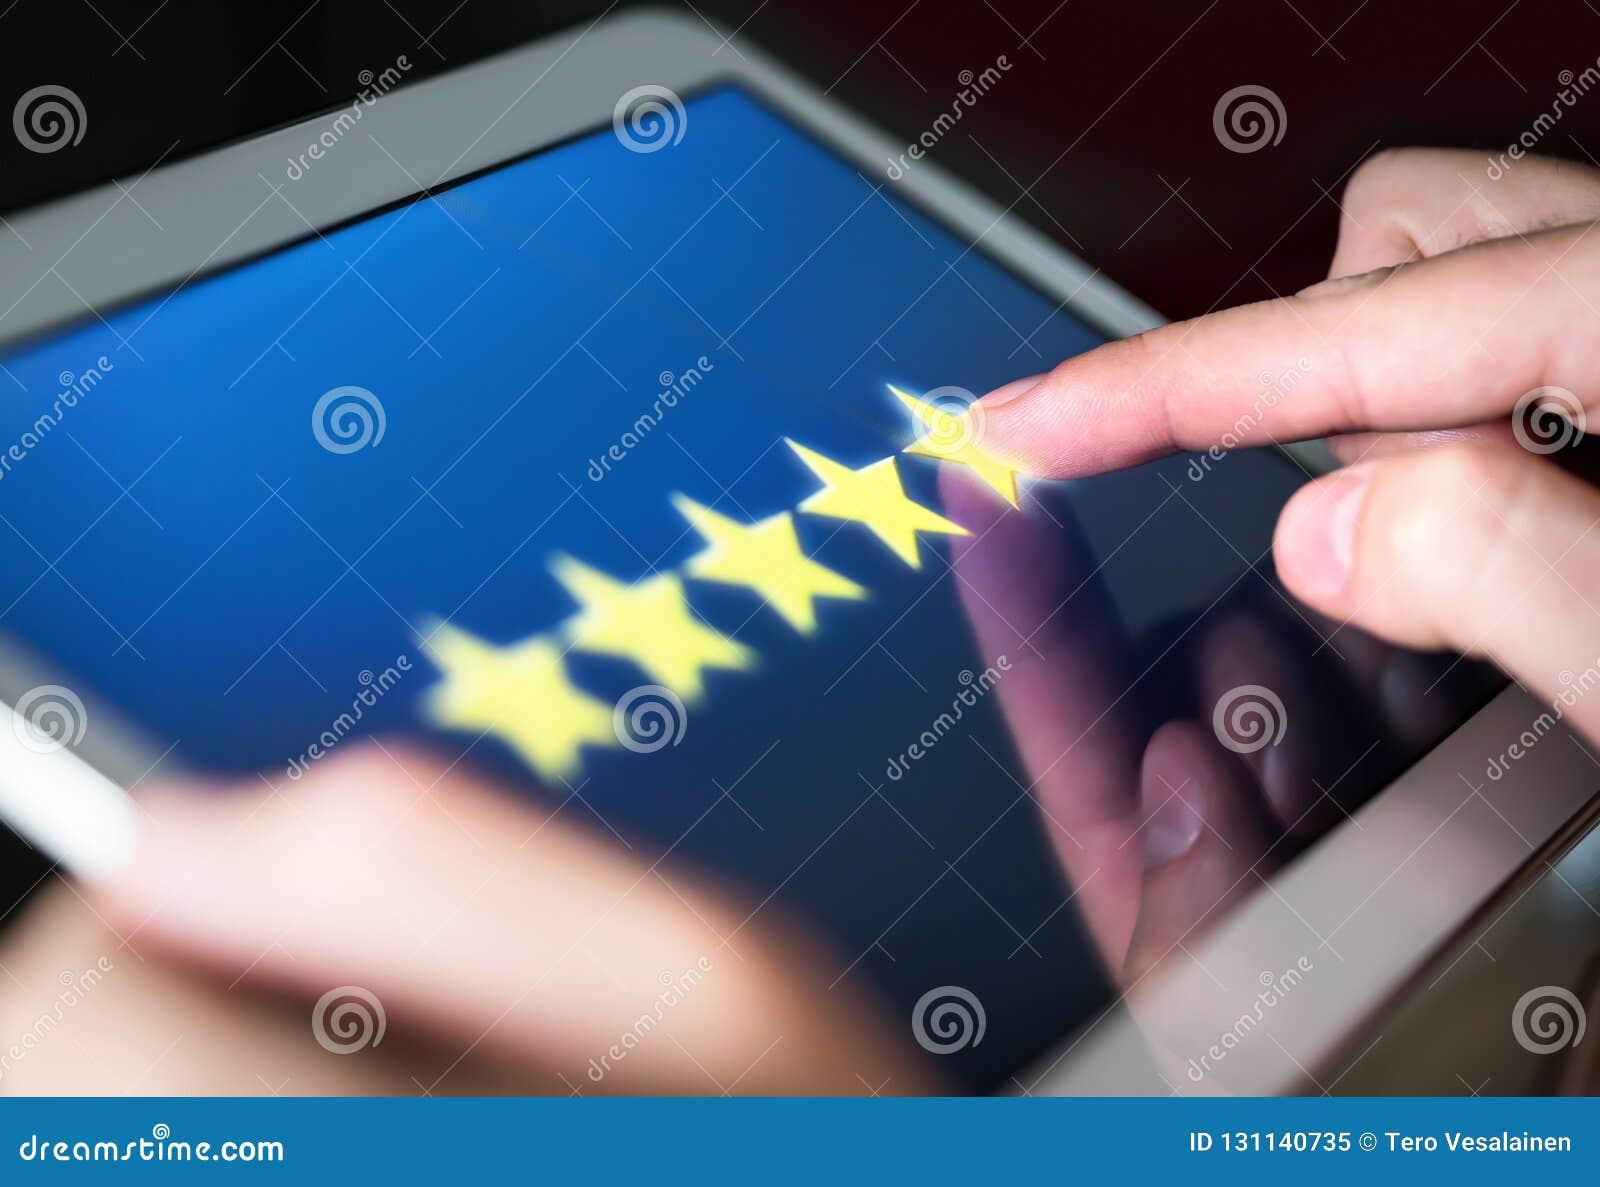 5 gwiazdowa ocena lub przegląd w ankiecie, wybory, kwestionariuszu lub zadowolenie klienta badaniu,